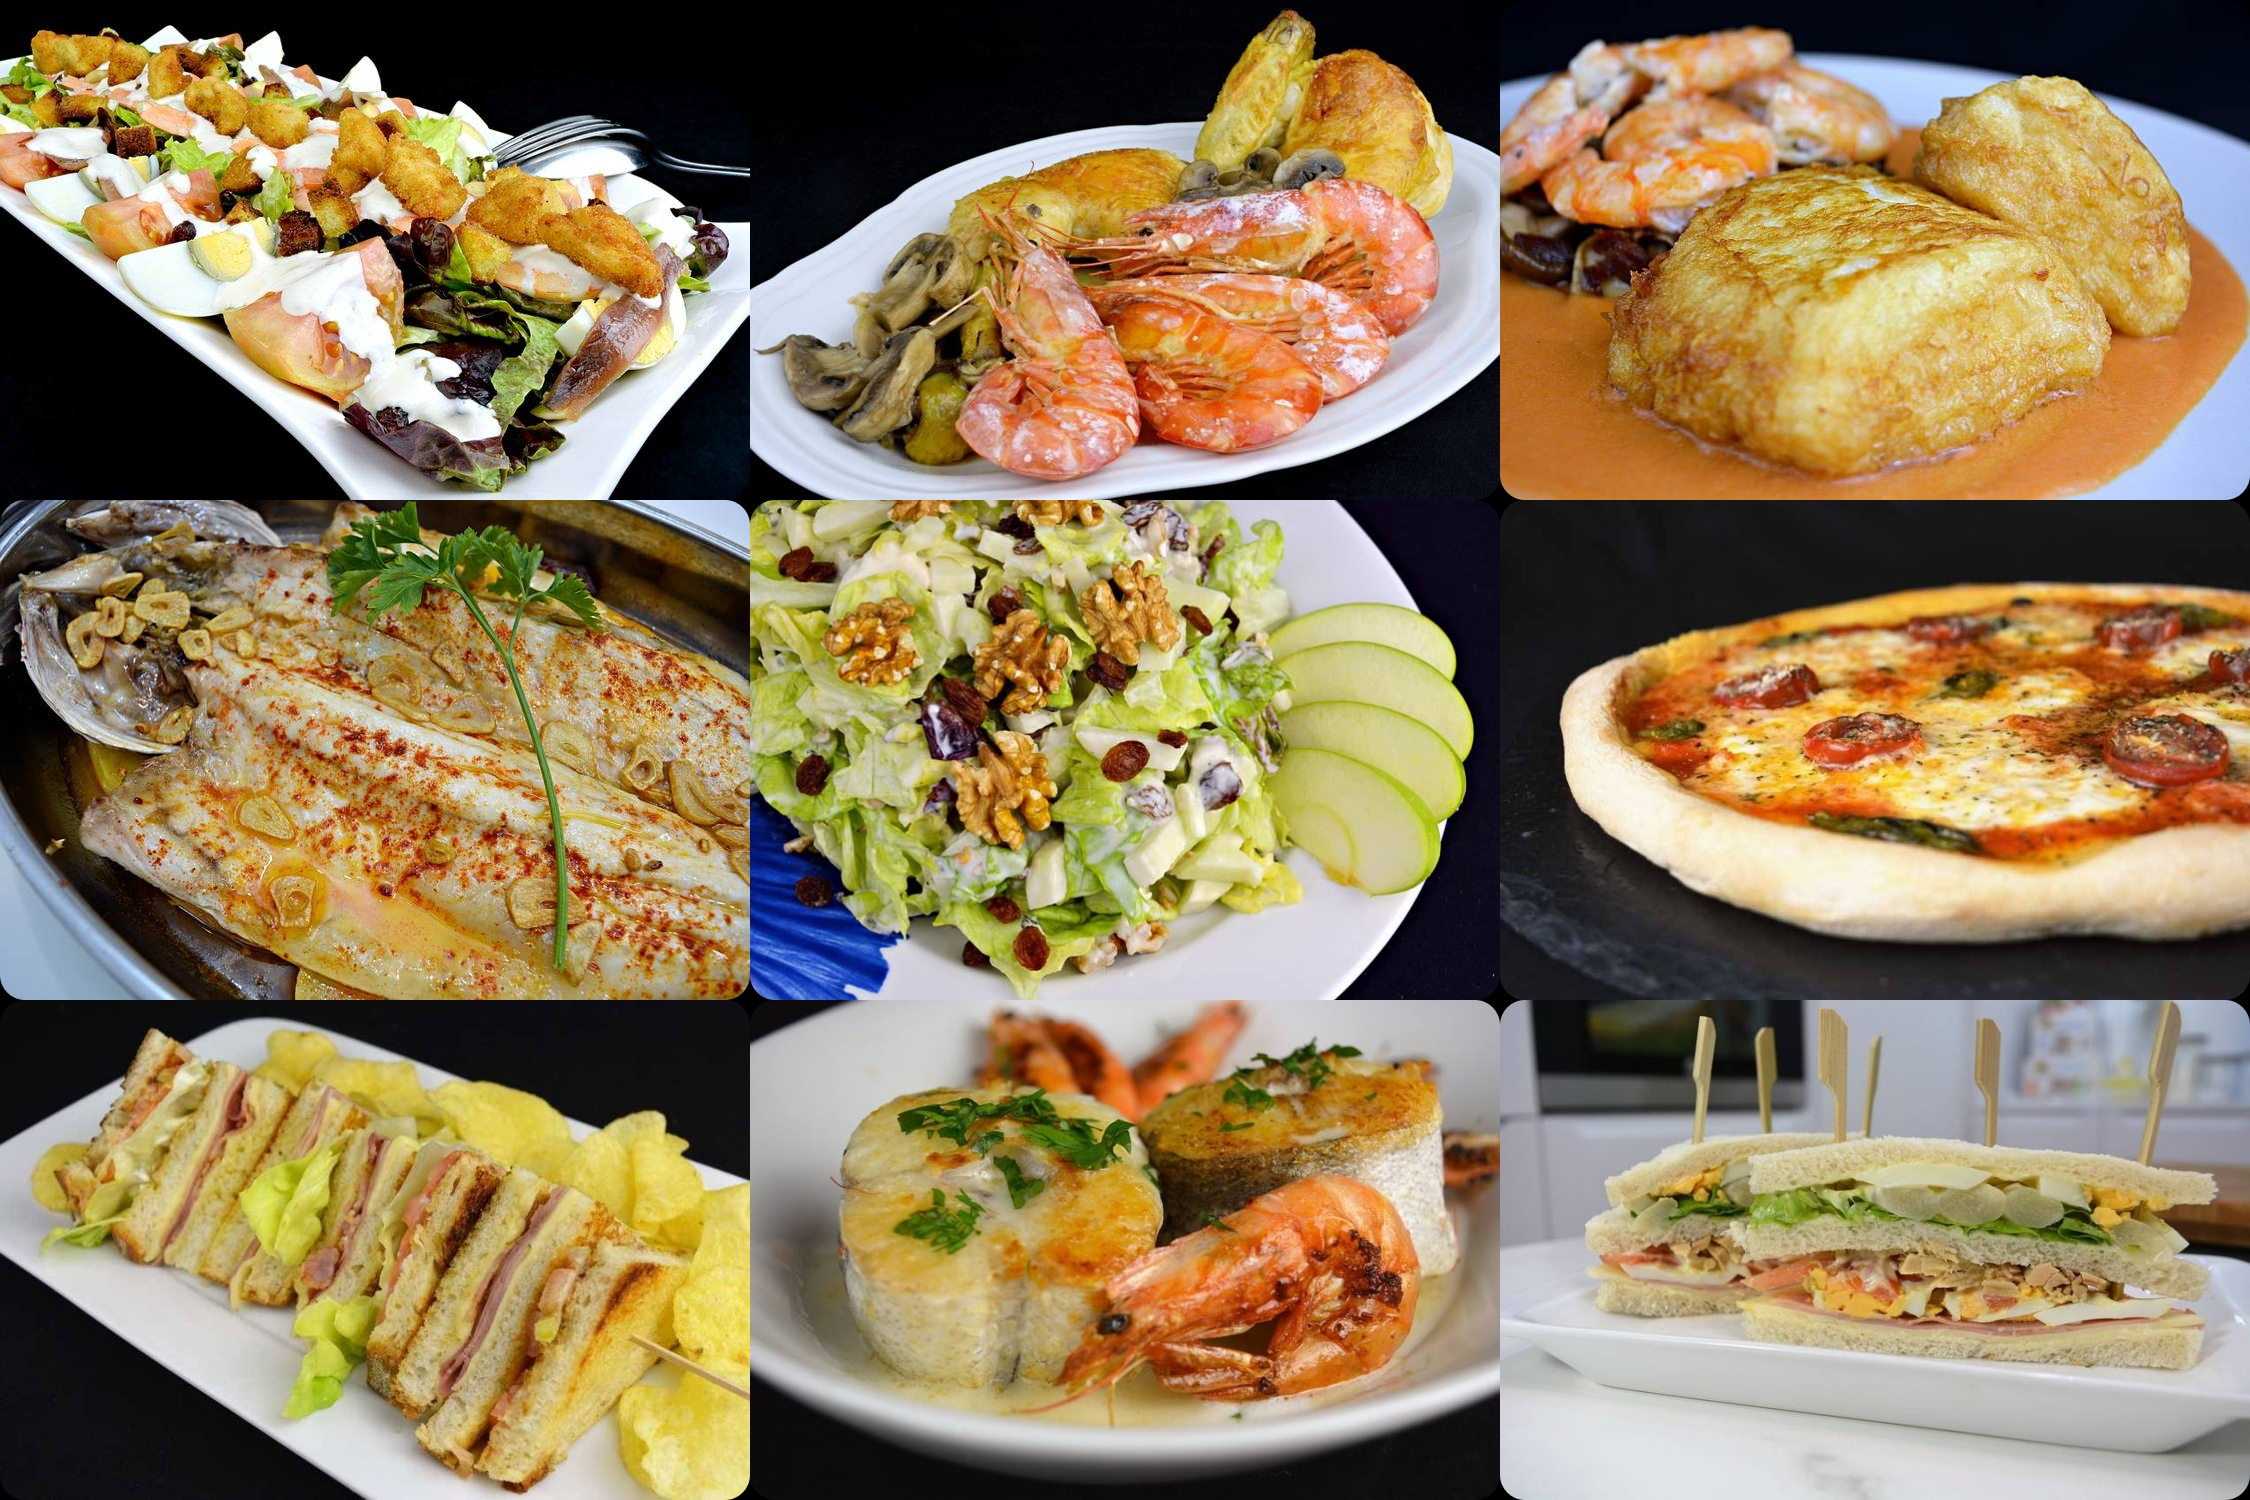 Recetas caseras para cenas r pidas 2 for Ideas para comidas caseras